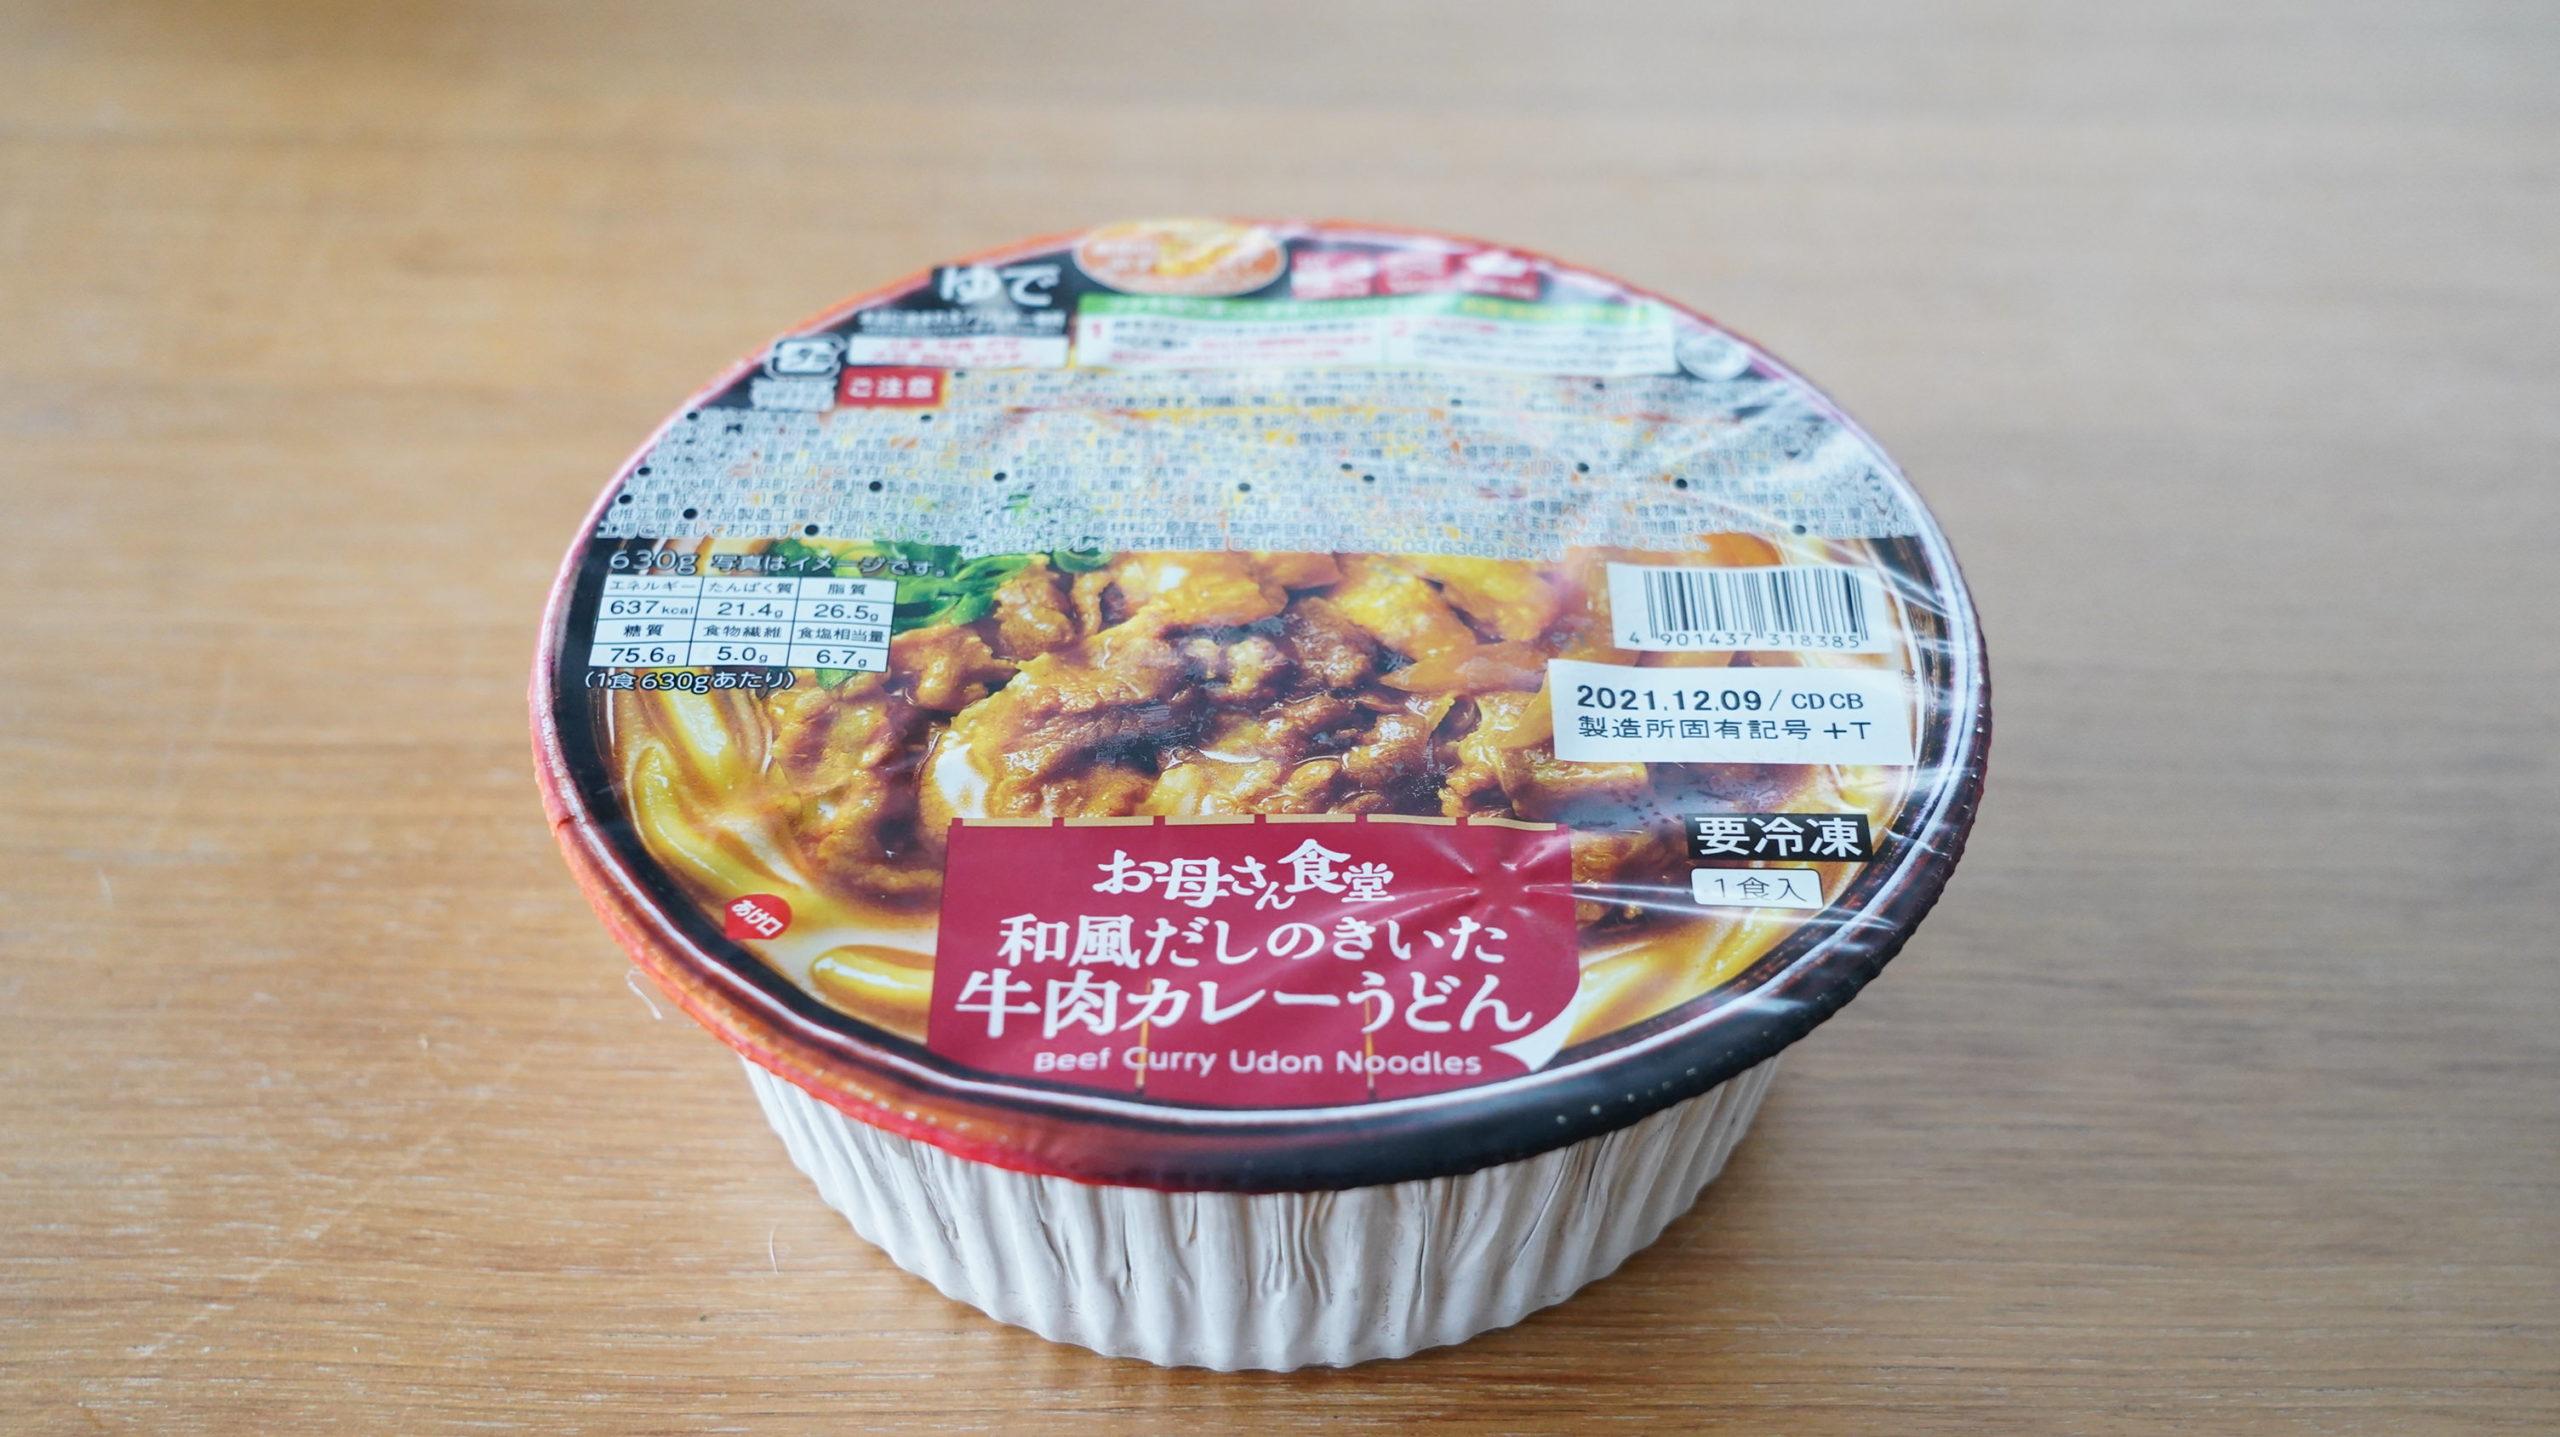 ファミリーマートの冷凍食品「和風だしのきいた牛肉カレーうどん」の全体写真